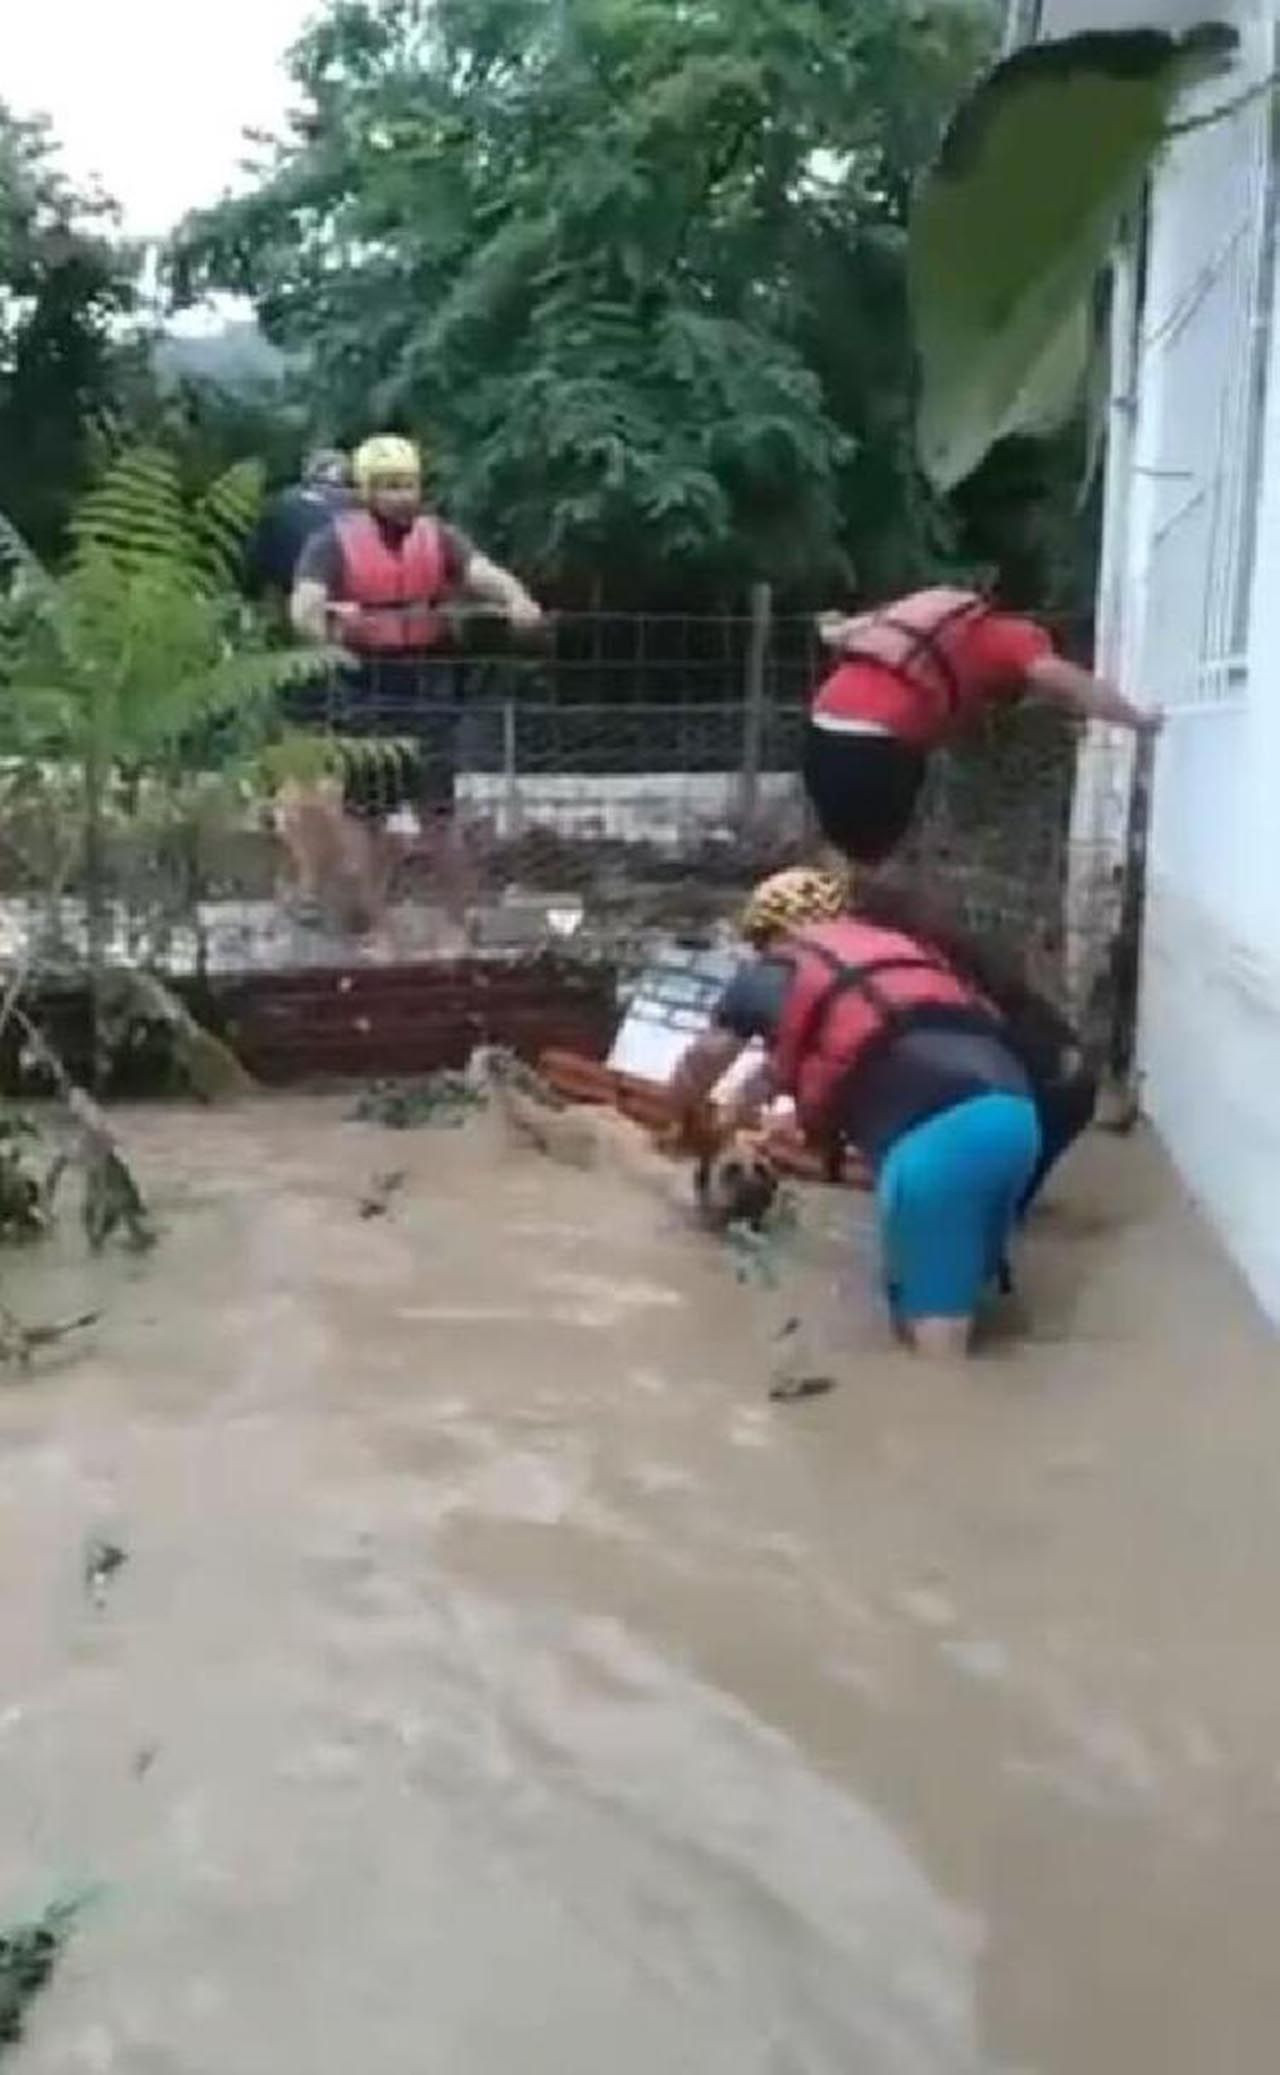 Artvin'deki sel felaketinden yeni görüntü! Gözyaşlarına boğuldu - Resim: 2